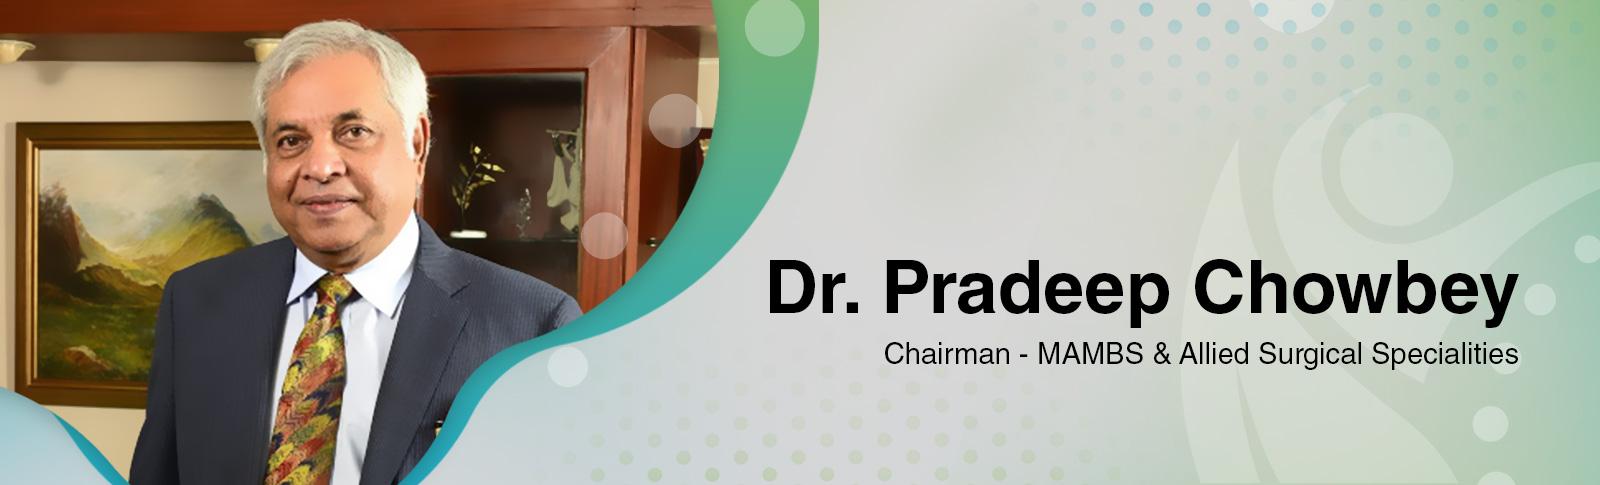 Dr Pradeep Chowbey